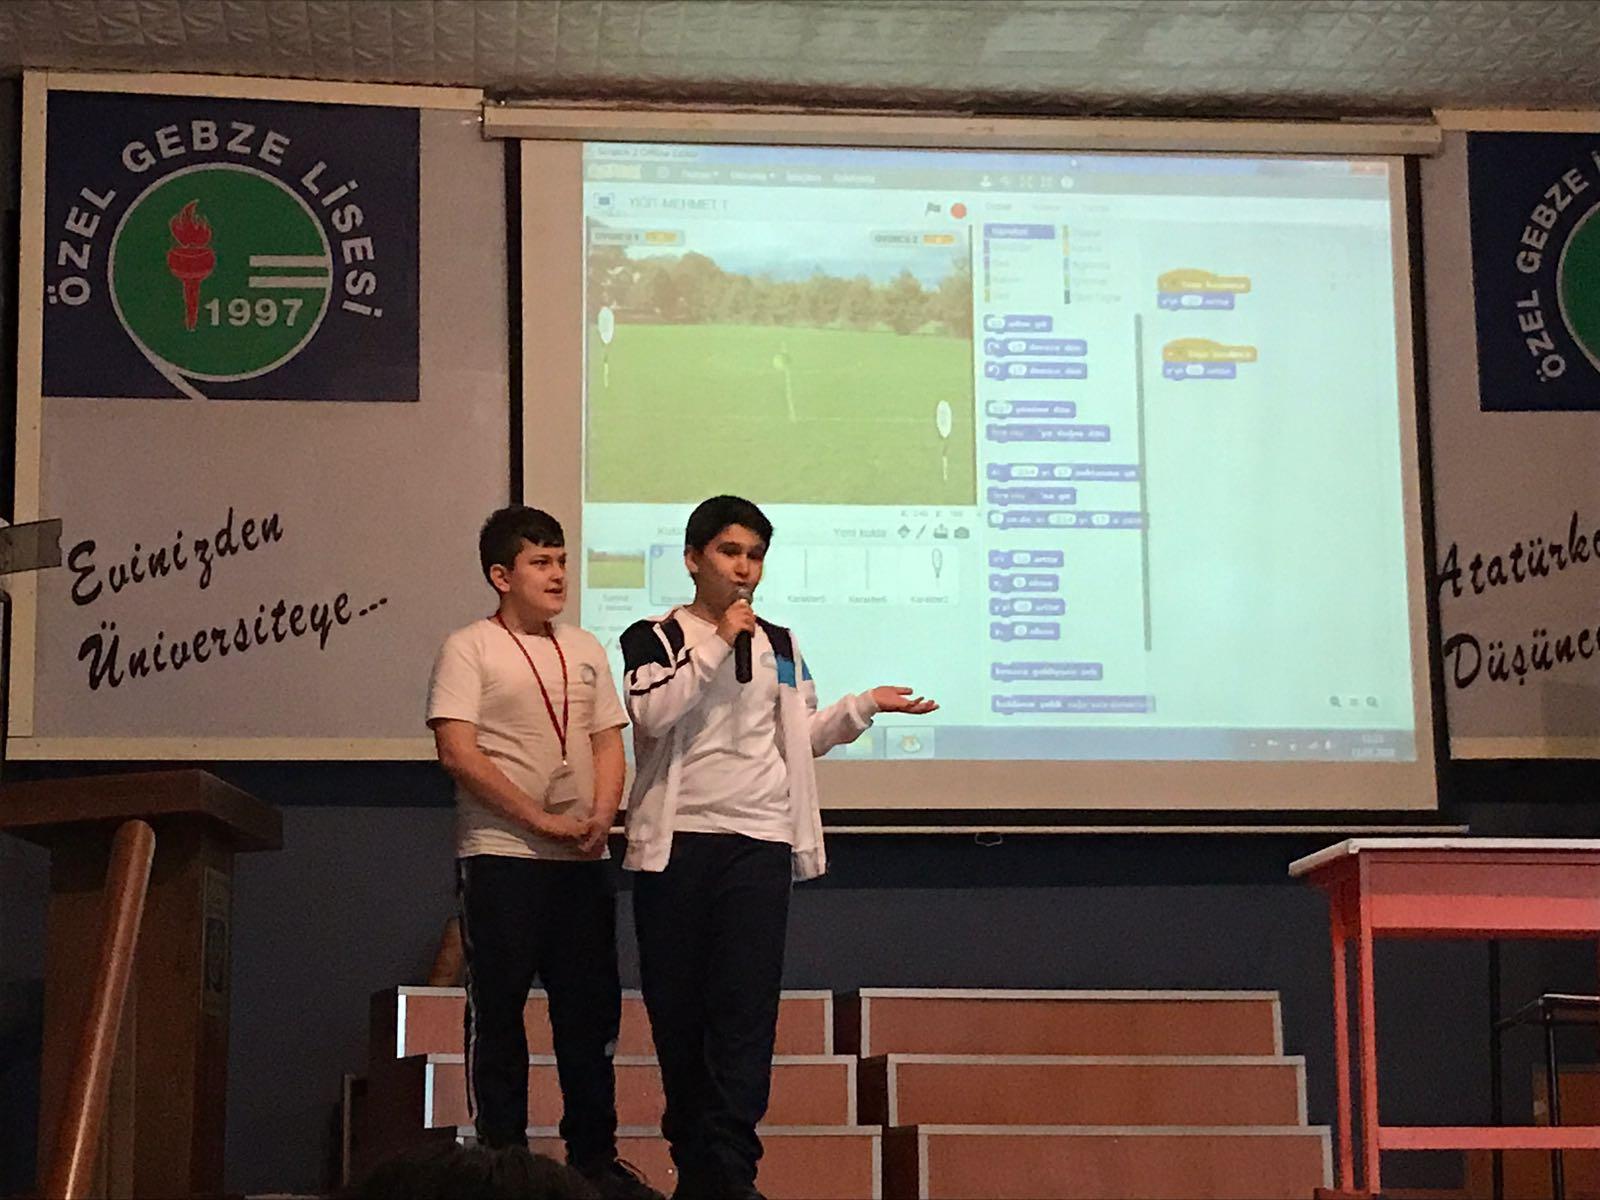 Özel Gebze Eğitim Kurumları'nda kodlama yarışması